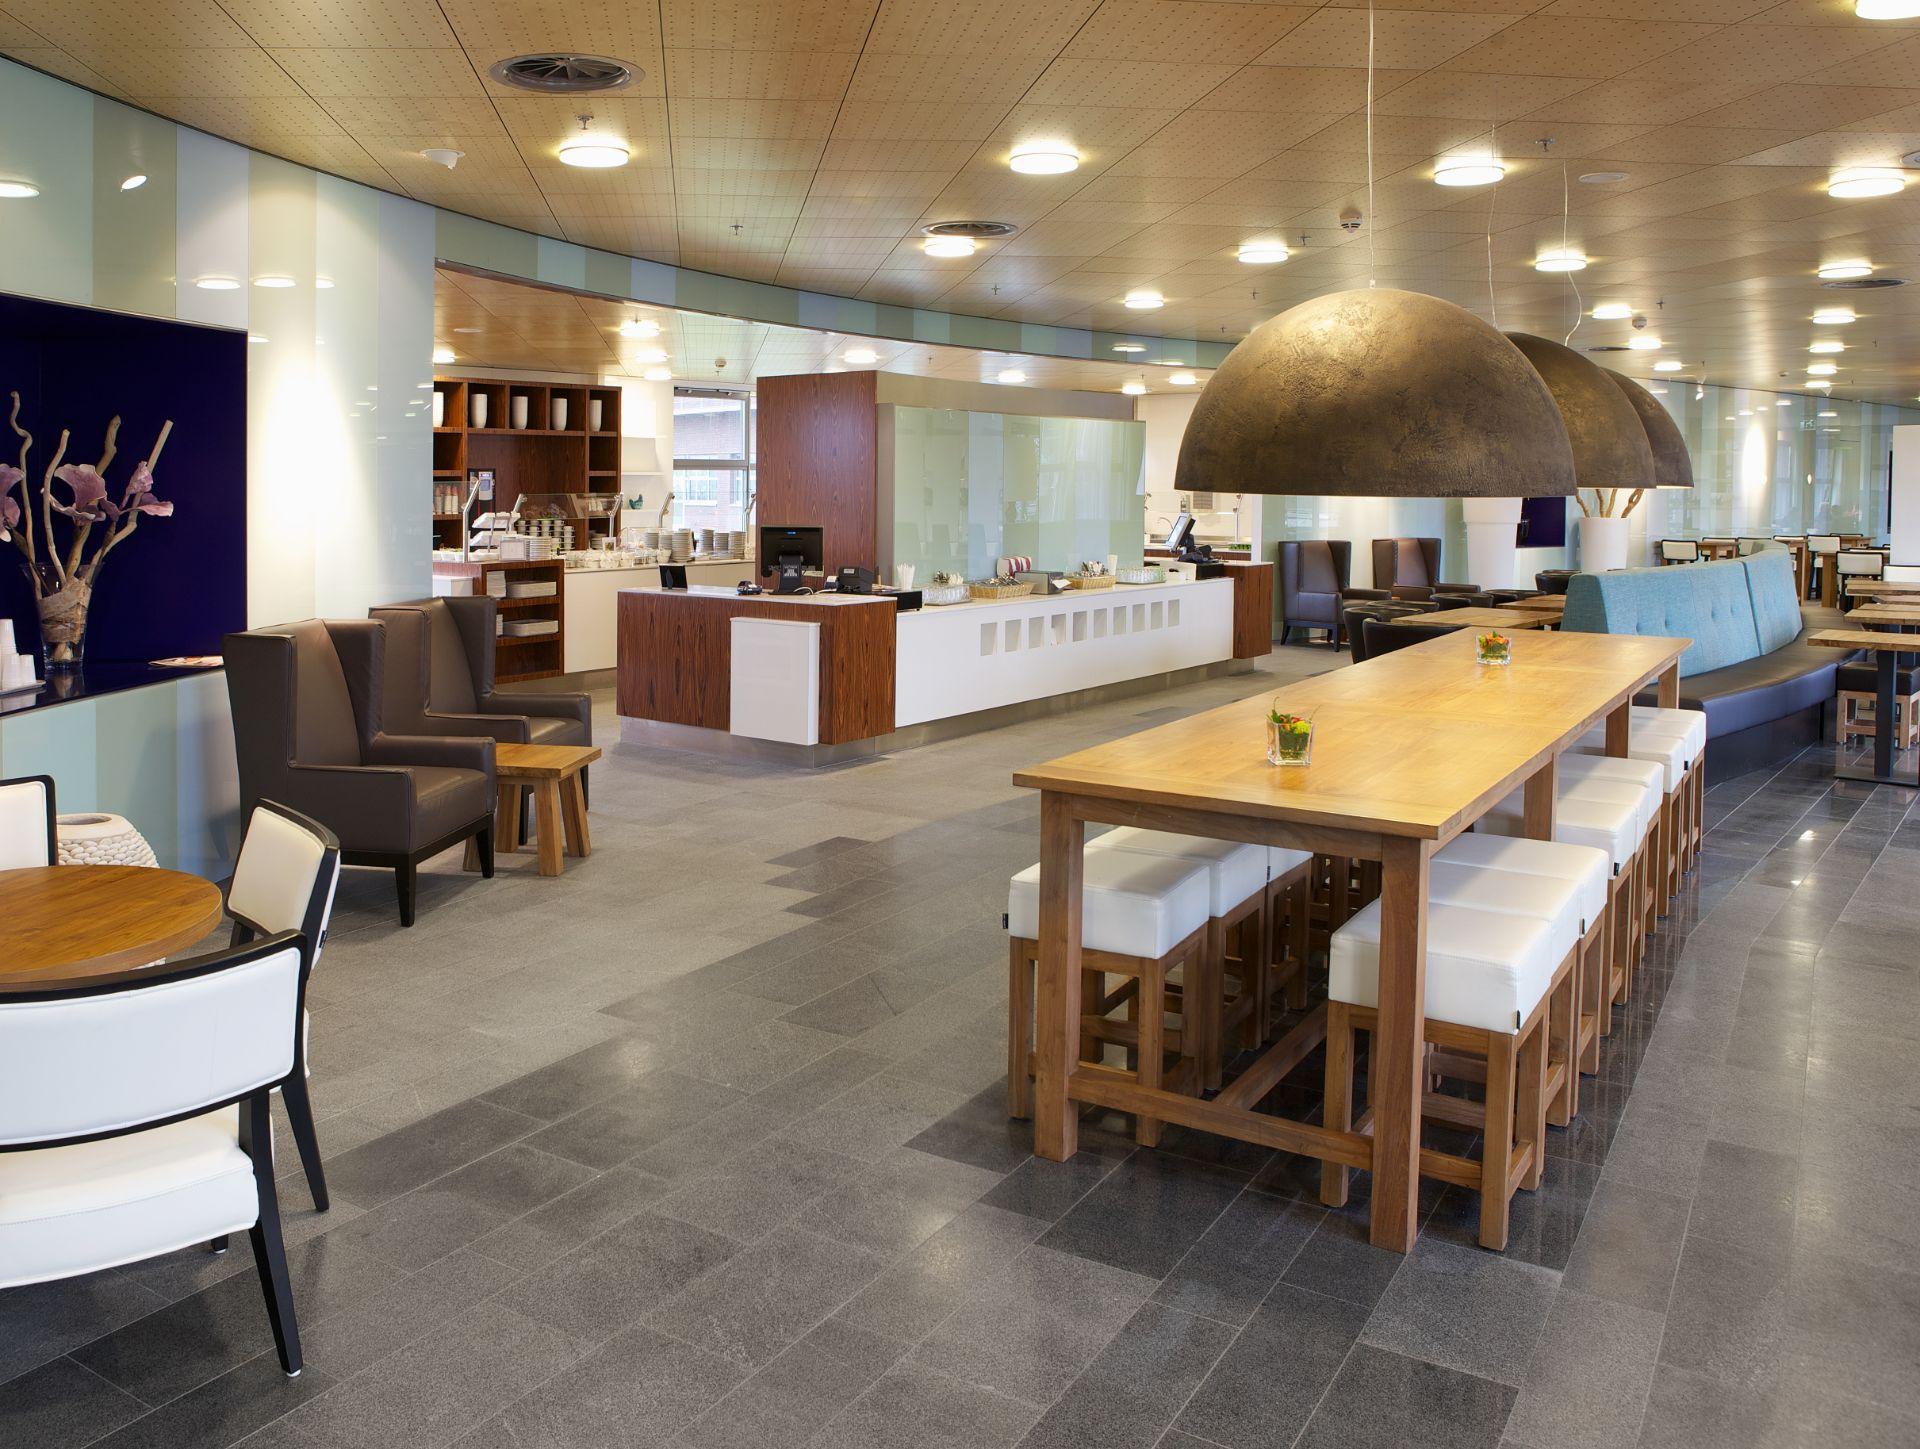 Restaurant Maasziekenhuis door Kampri